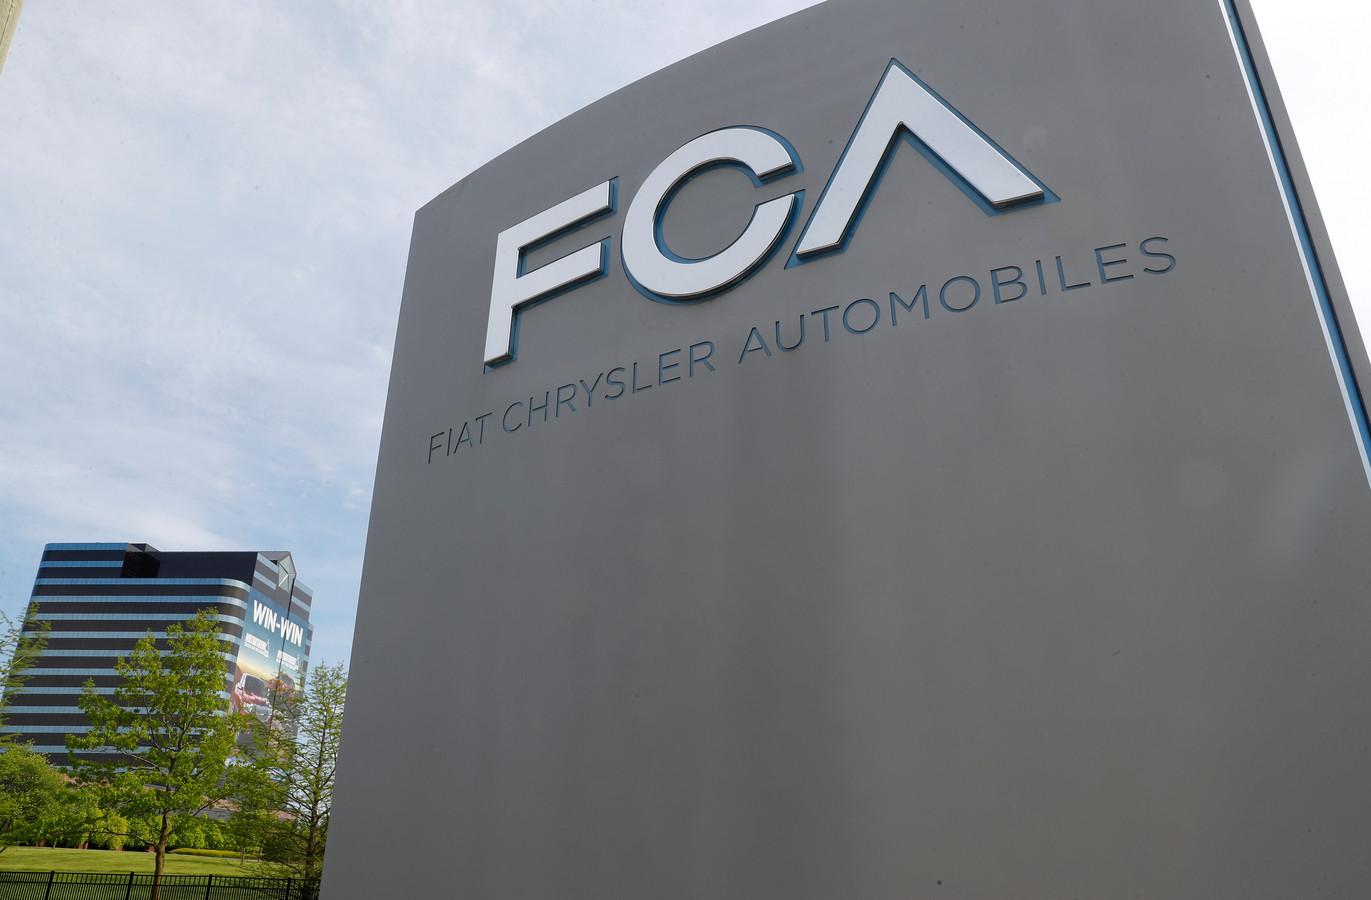 Het hoofdkantoor van Fiat Chrysler in Auburn Hills, Michigan.